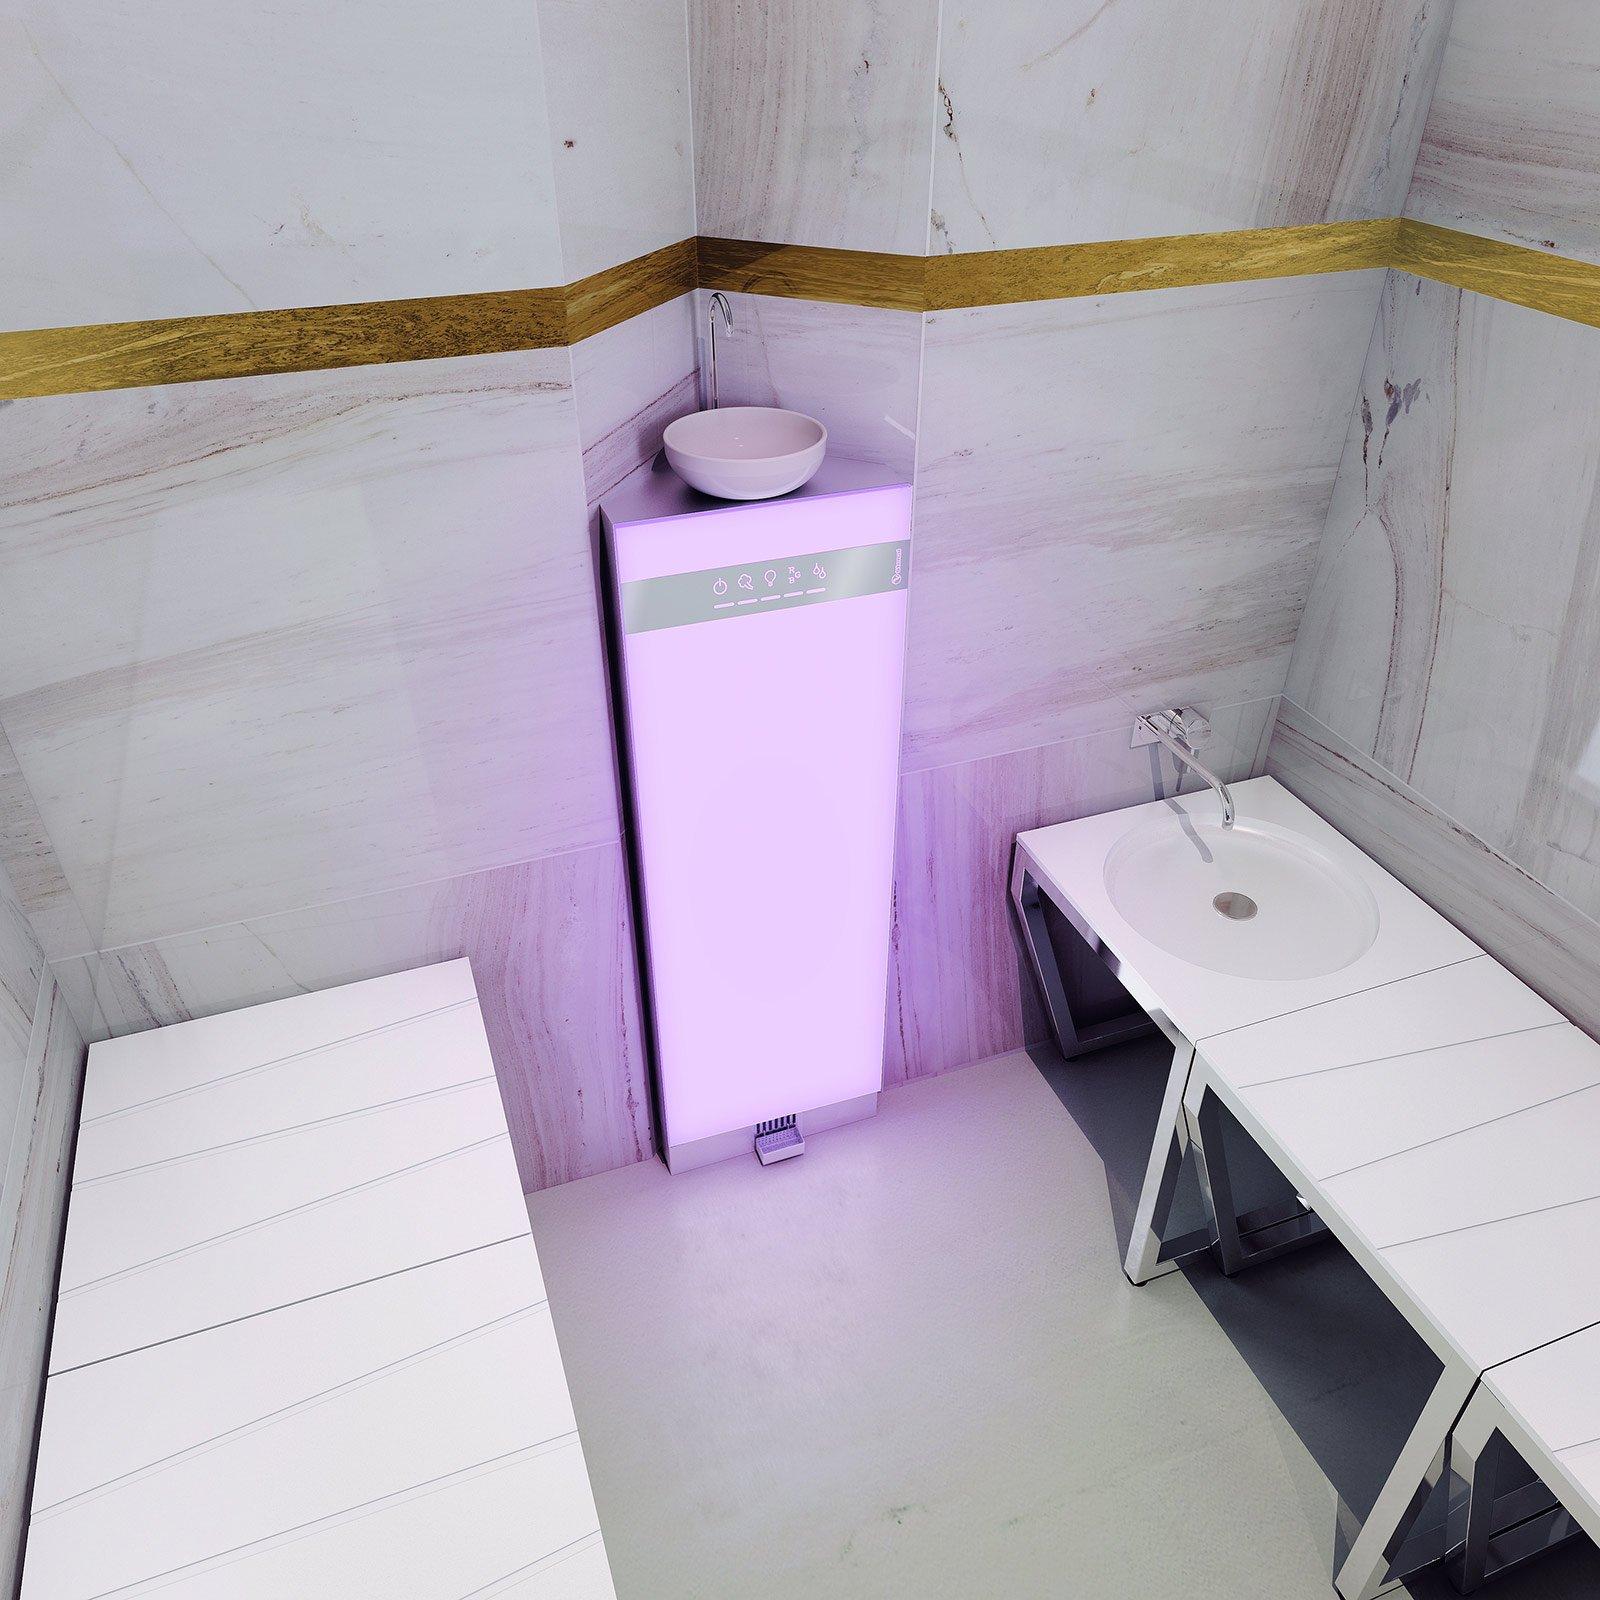 Il bagno turco a casa cose di casa for Generatore di casa virtuale gratuito